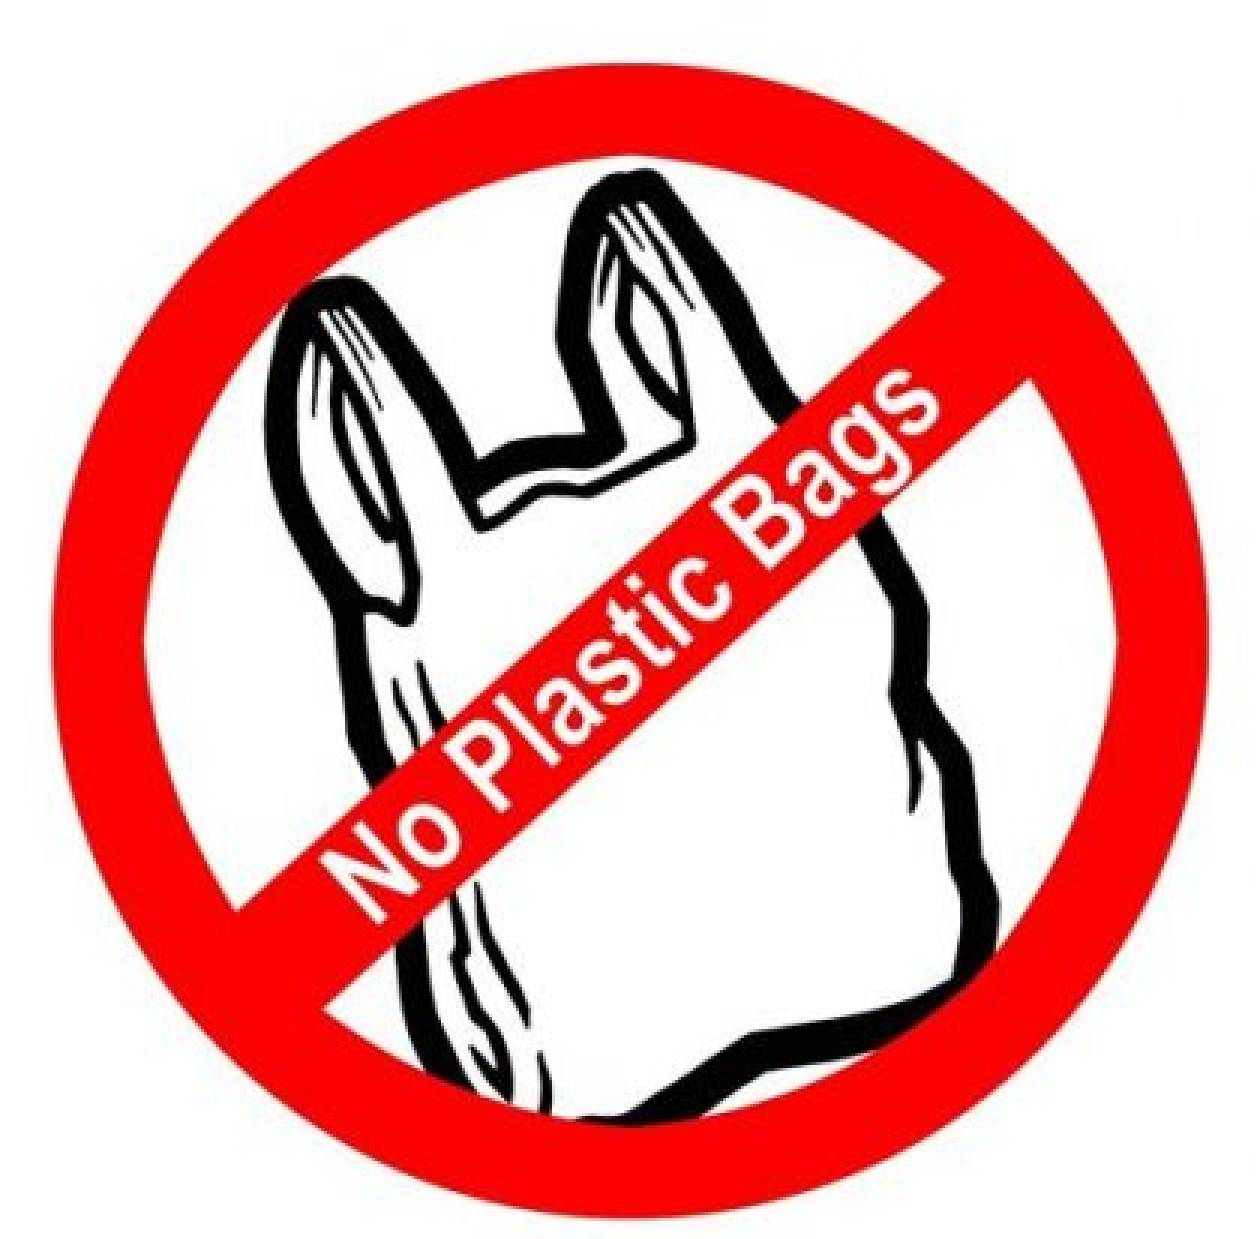 Tέλος οι πλαστικές σακούλες στη γειτονική Ιταλία